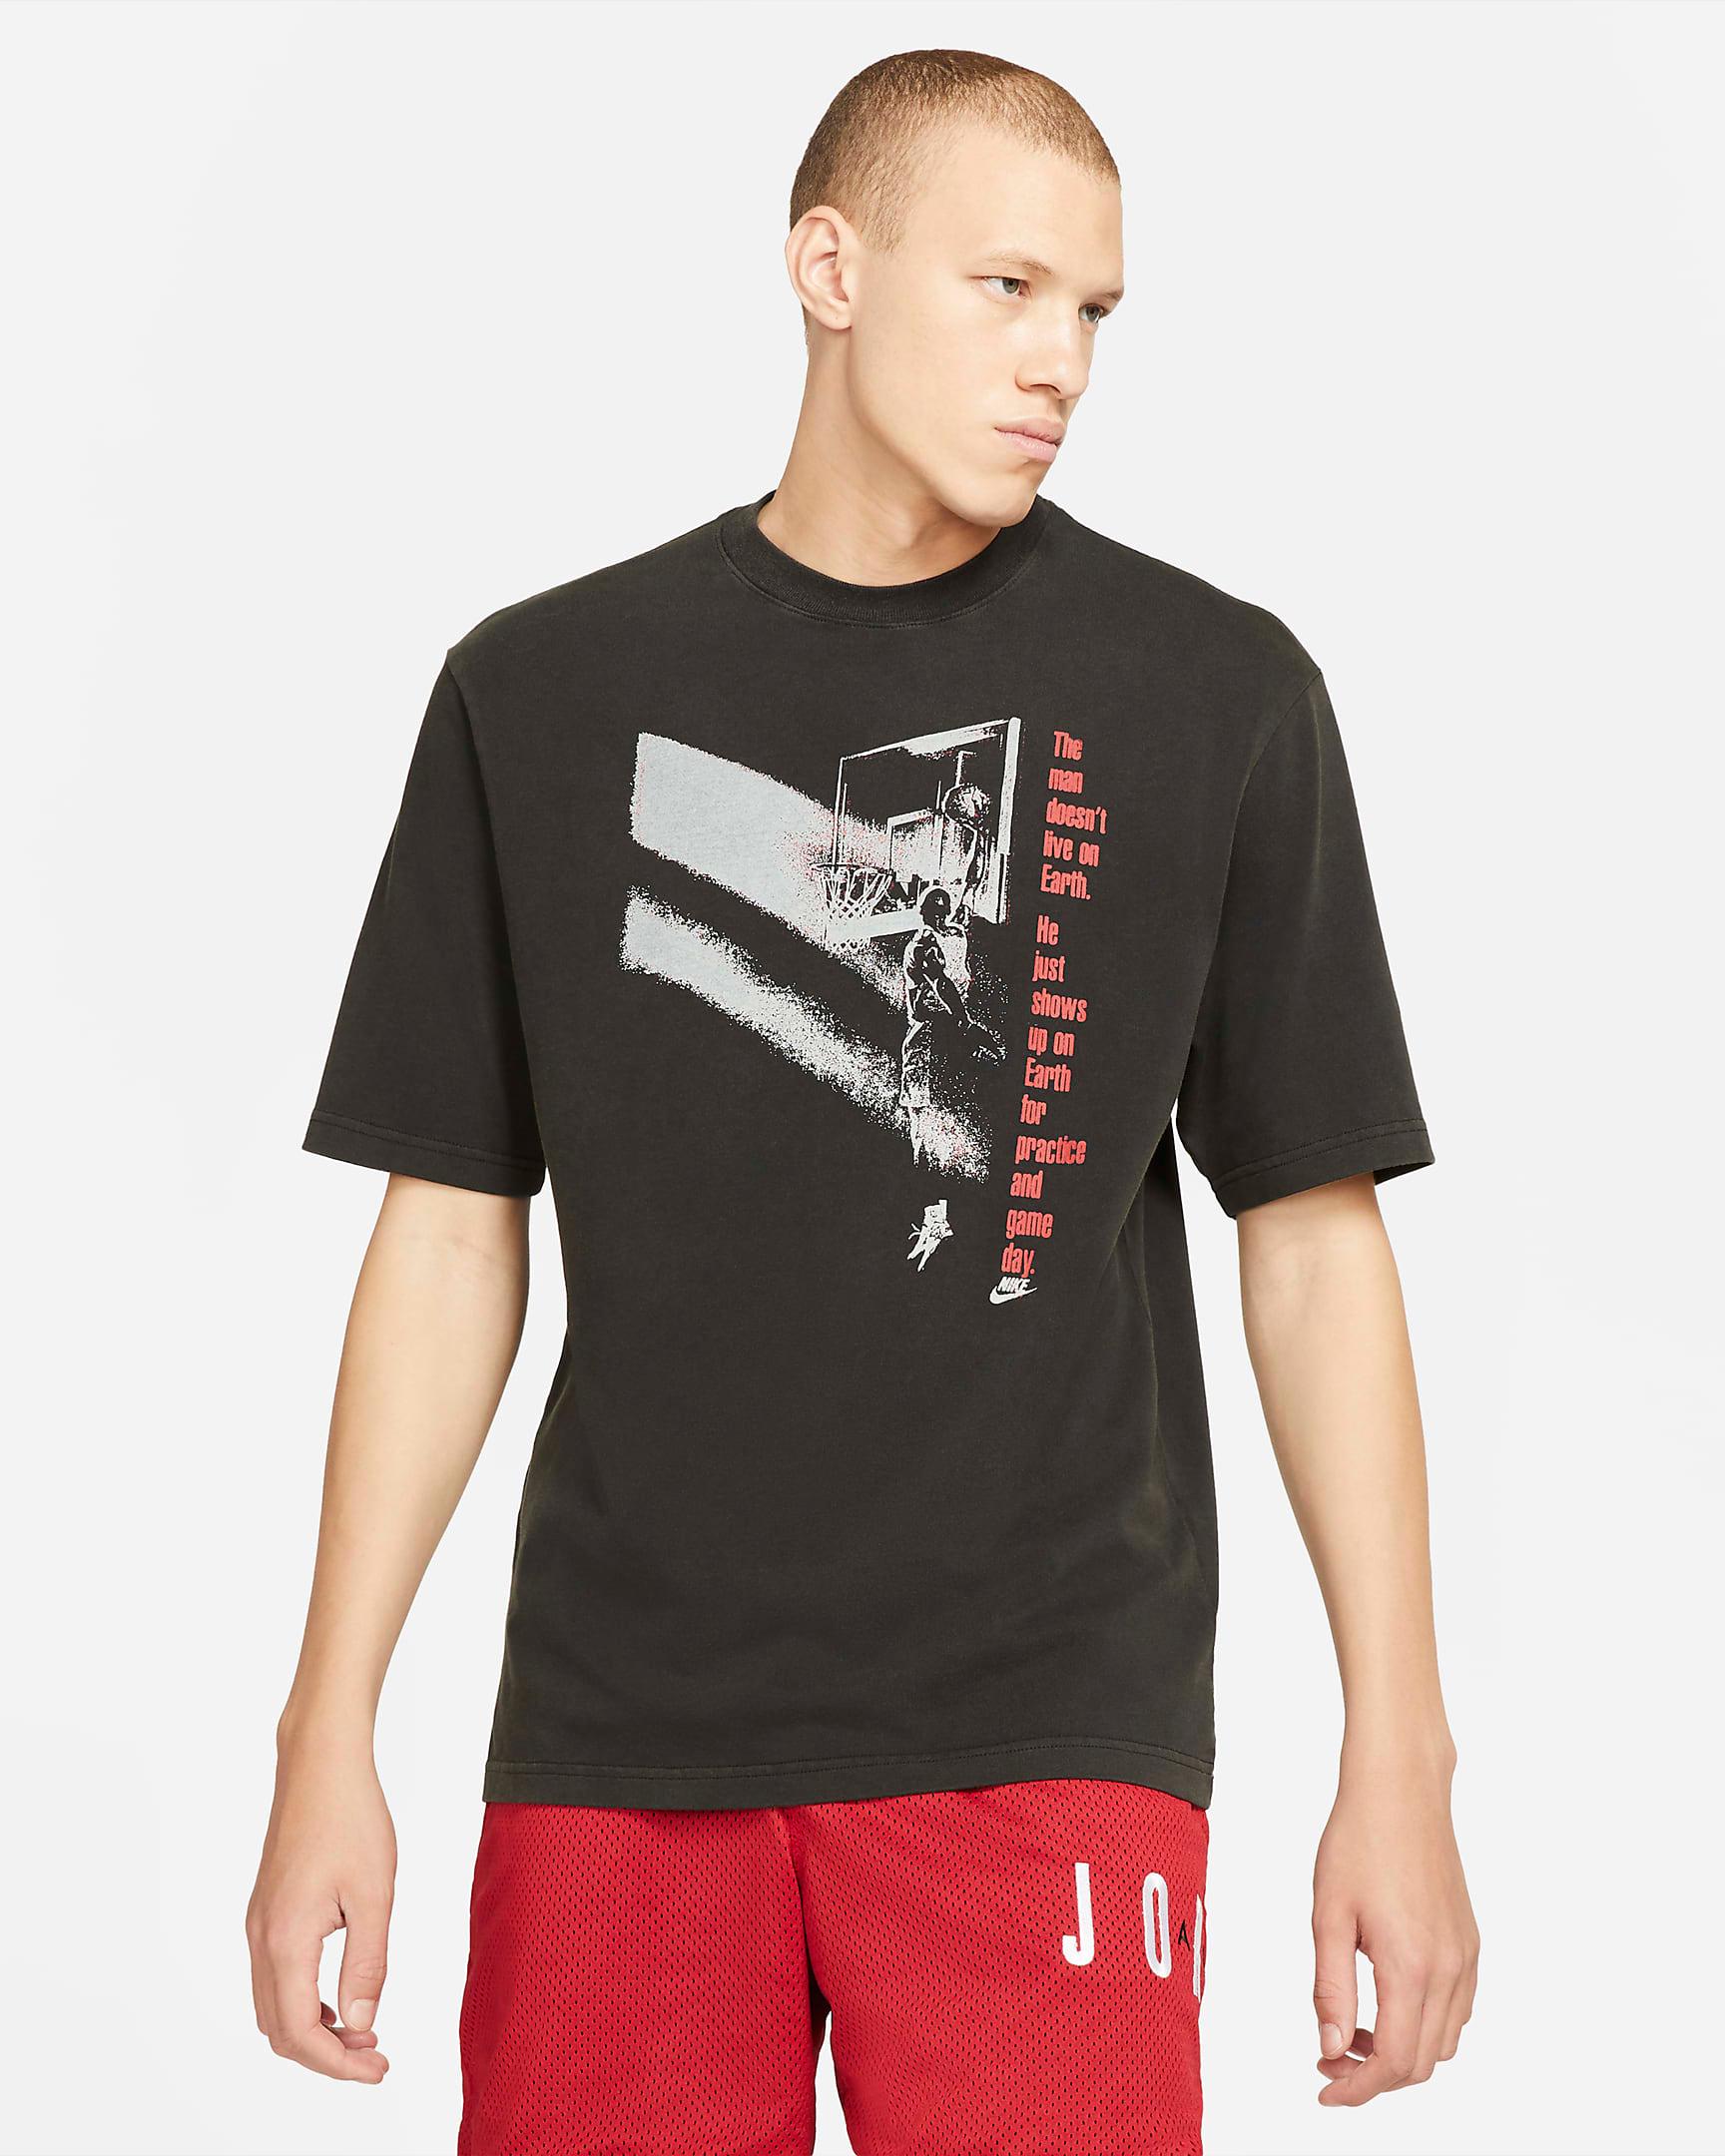 jordan-flight-graphic-shirt-black-red-grey-summer-2021-1